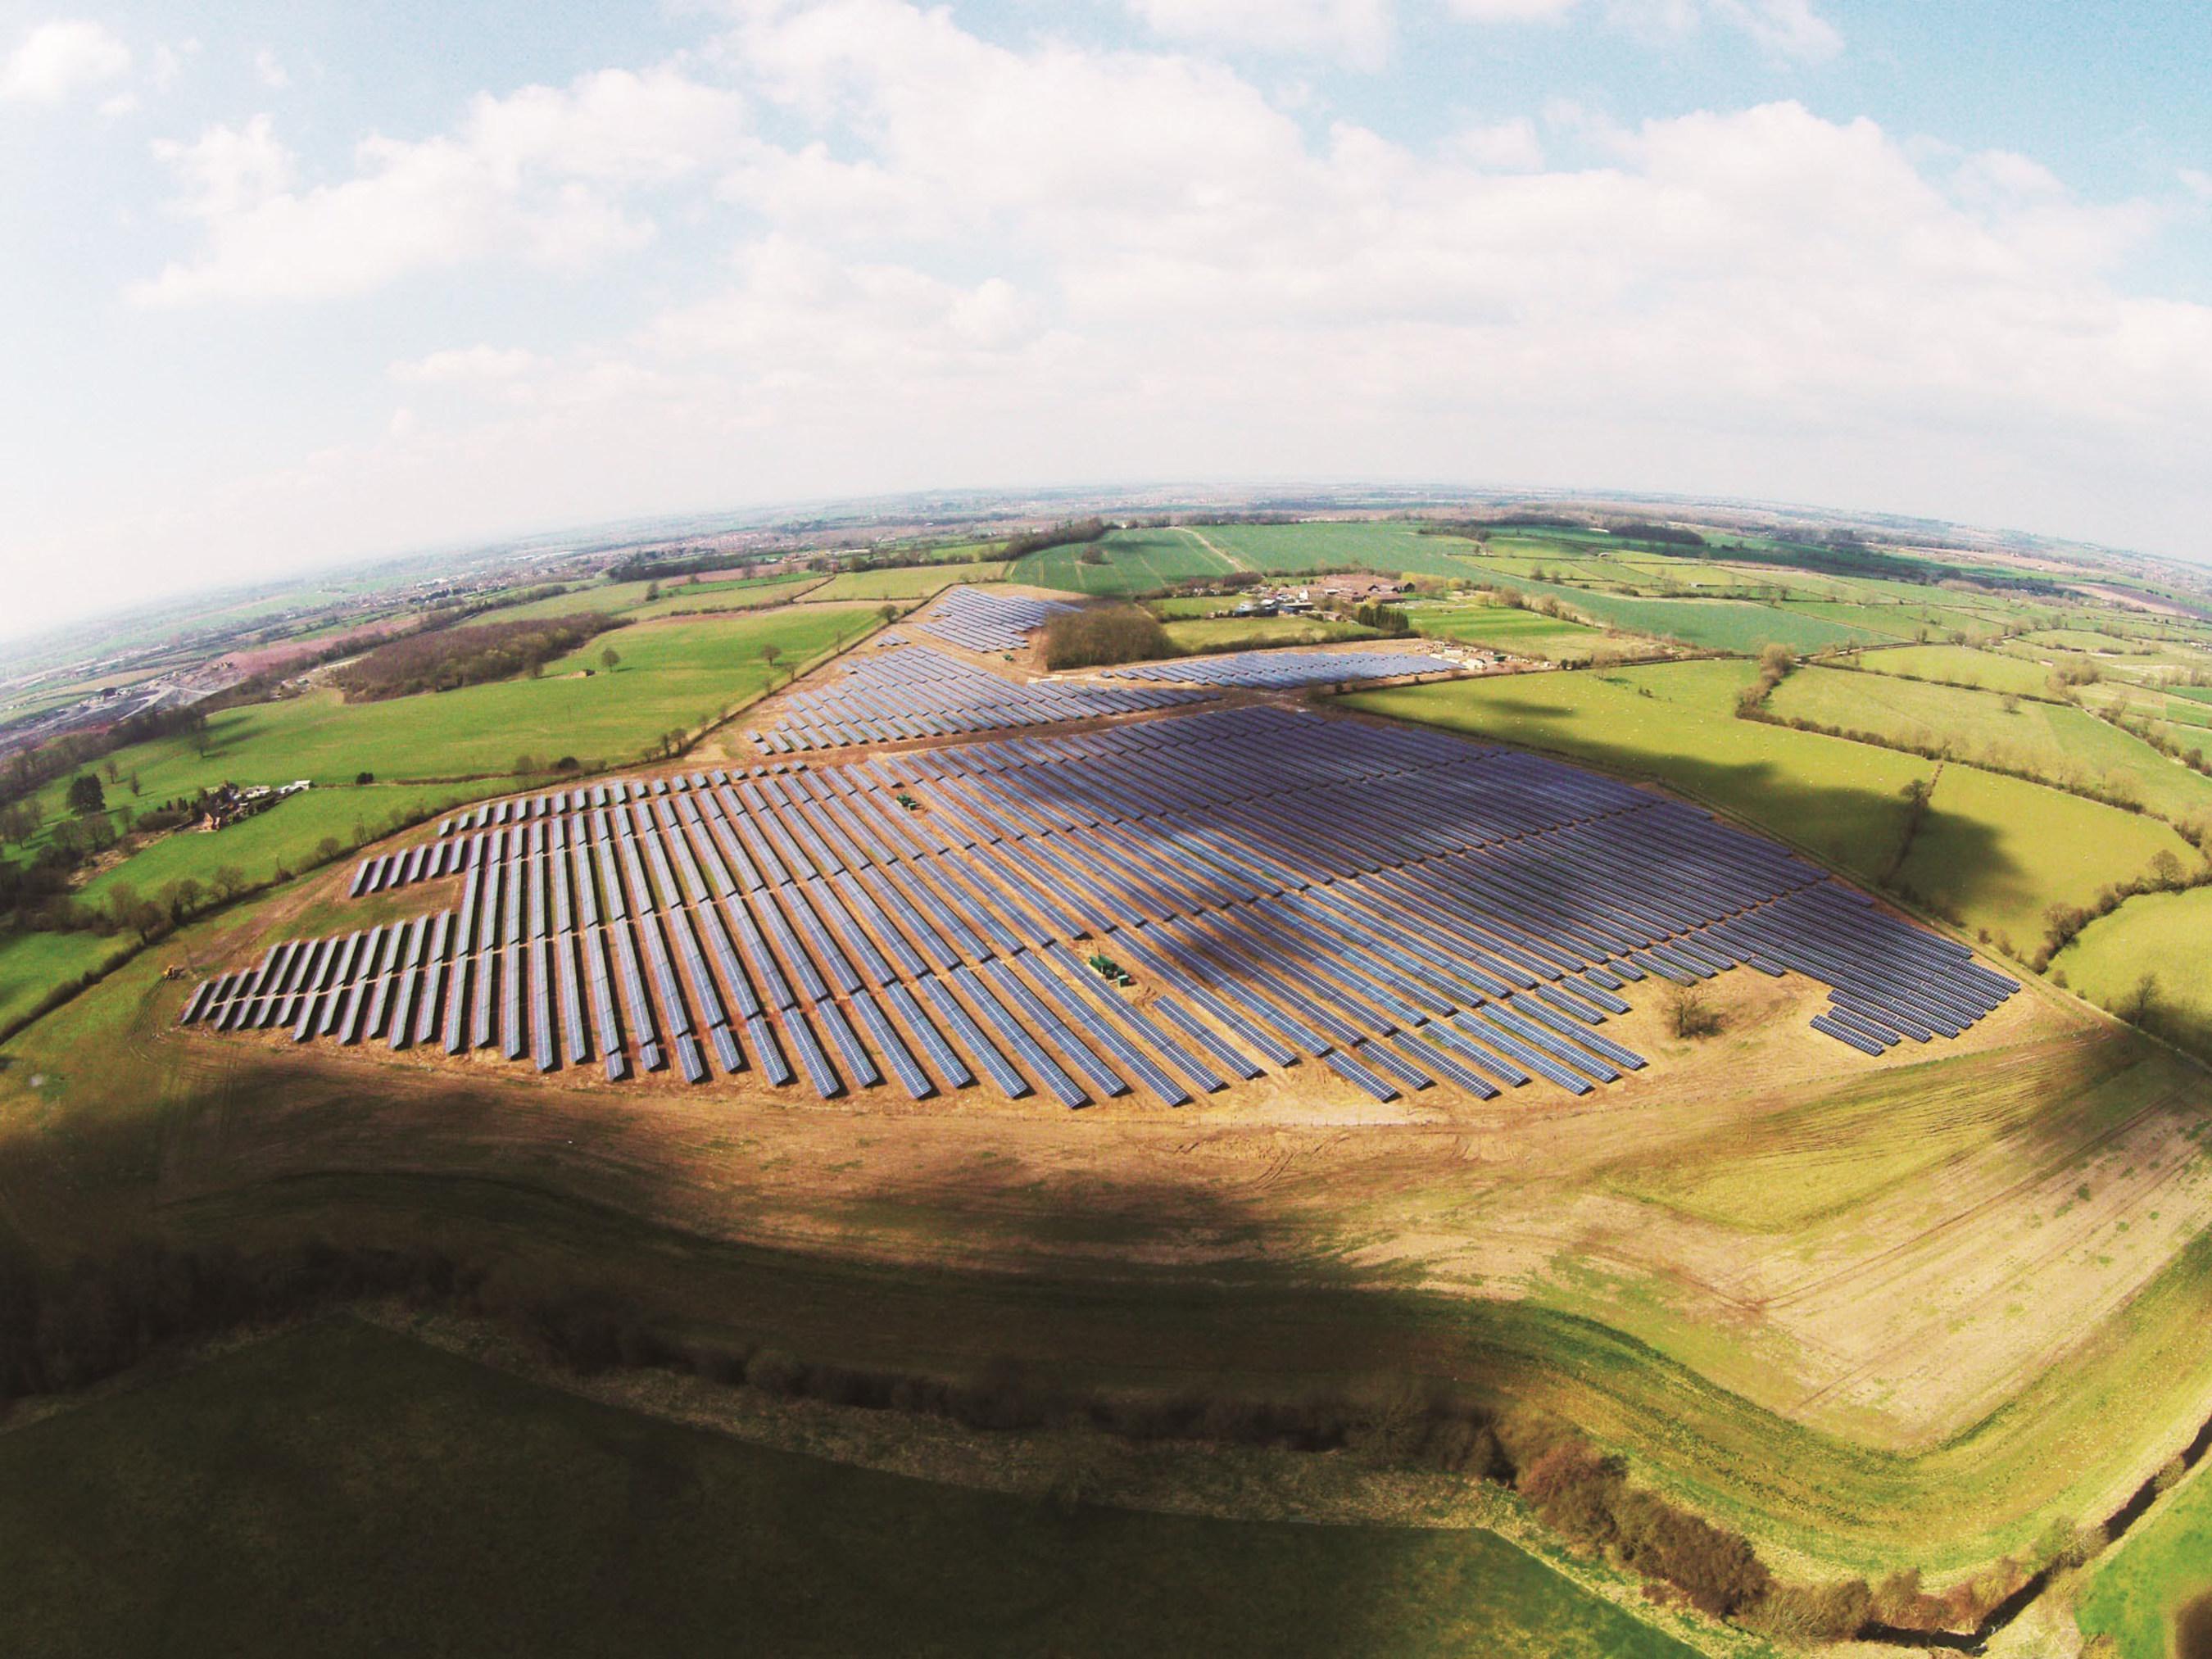 ET Solar ajoute un projet de 13 MWc à son portefeuille photovoltaïque en expansion au Royaume-Uni